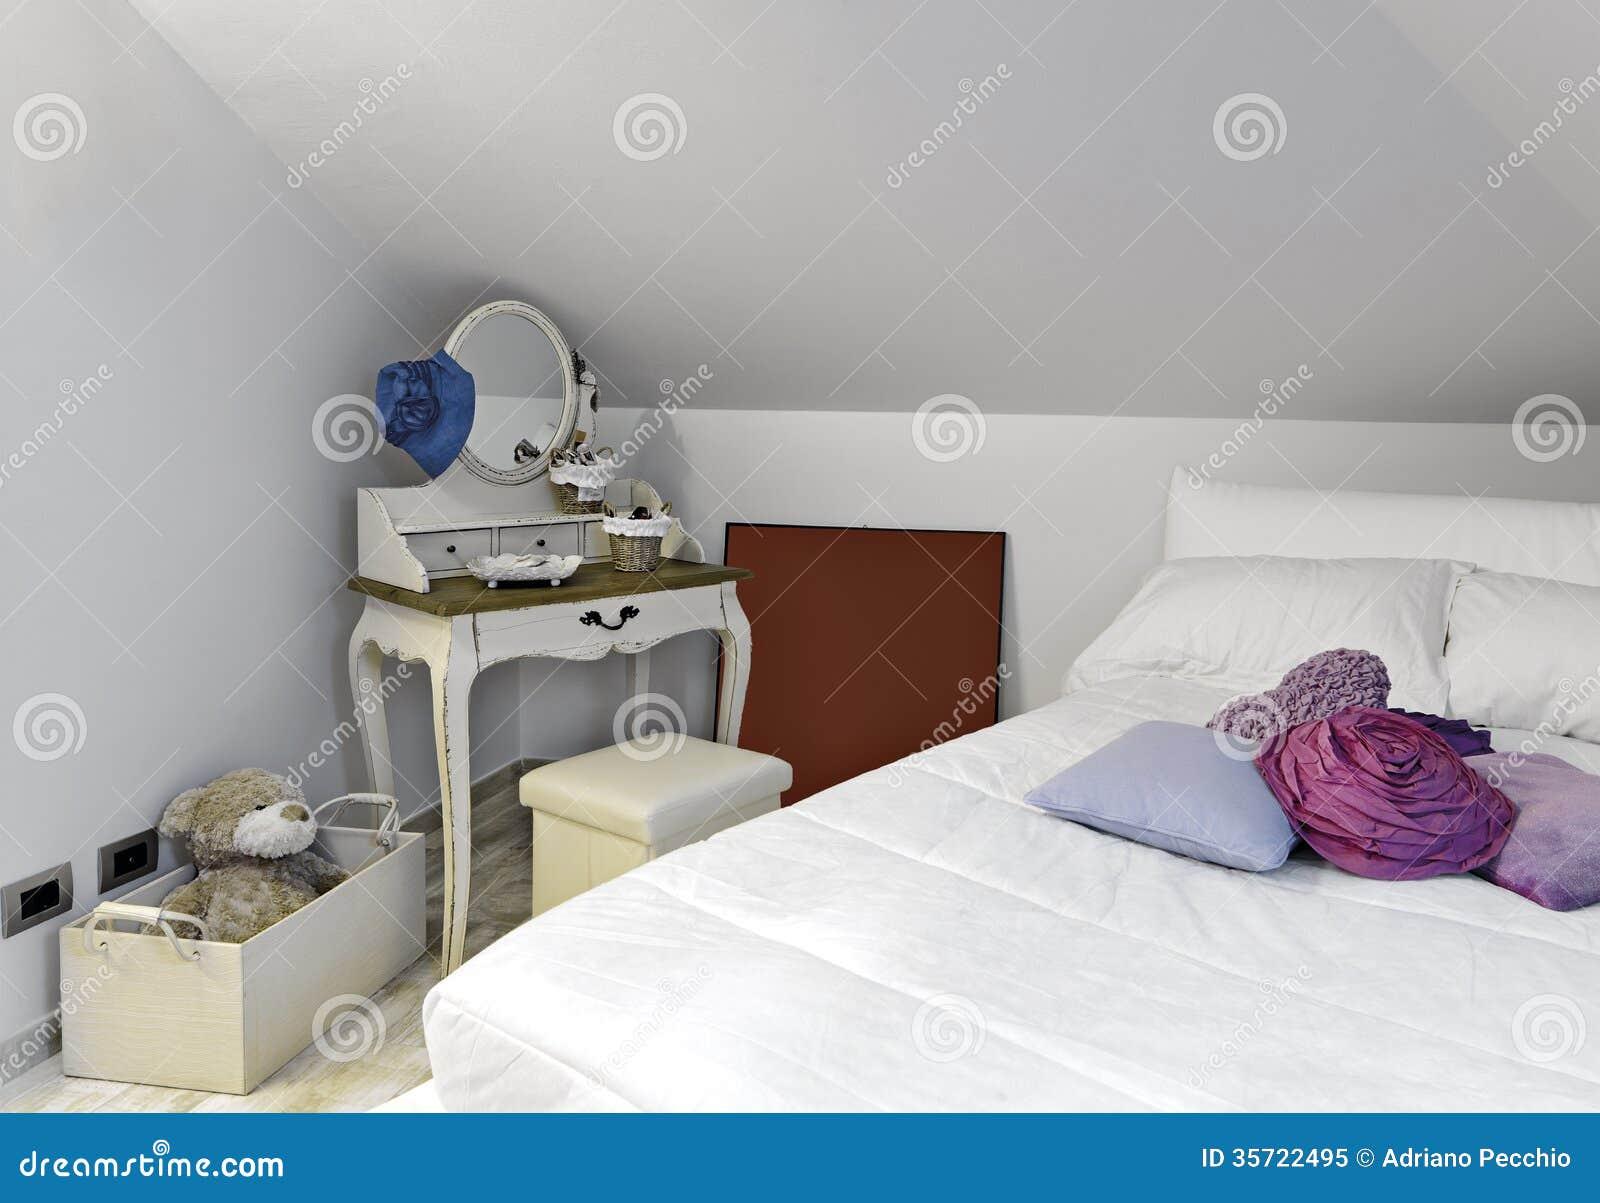 Colori per camera da letto ragazza: pittura camere da letto ...